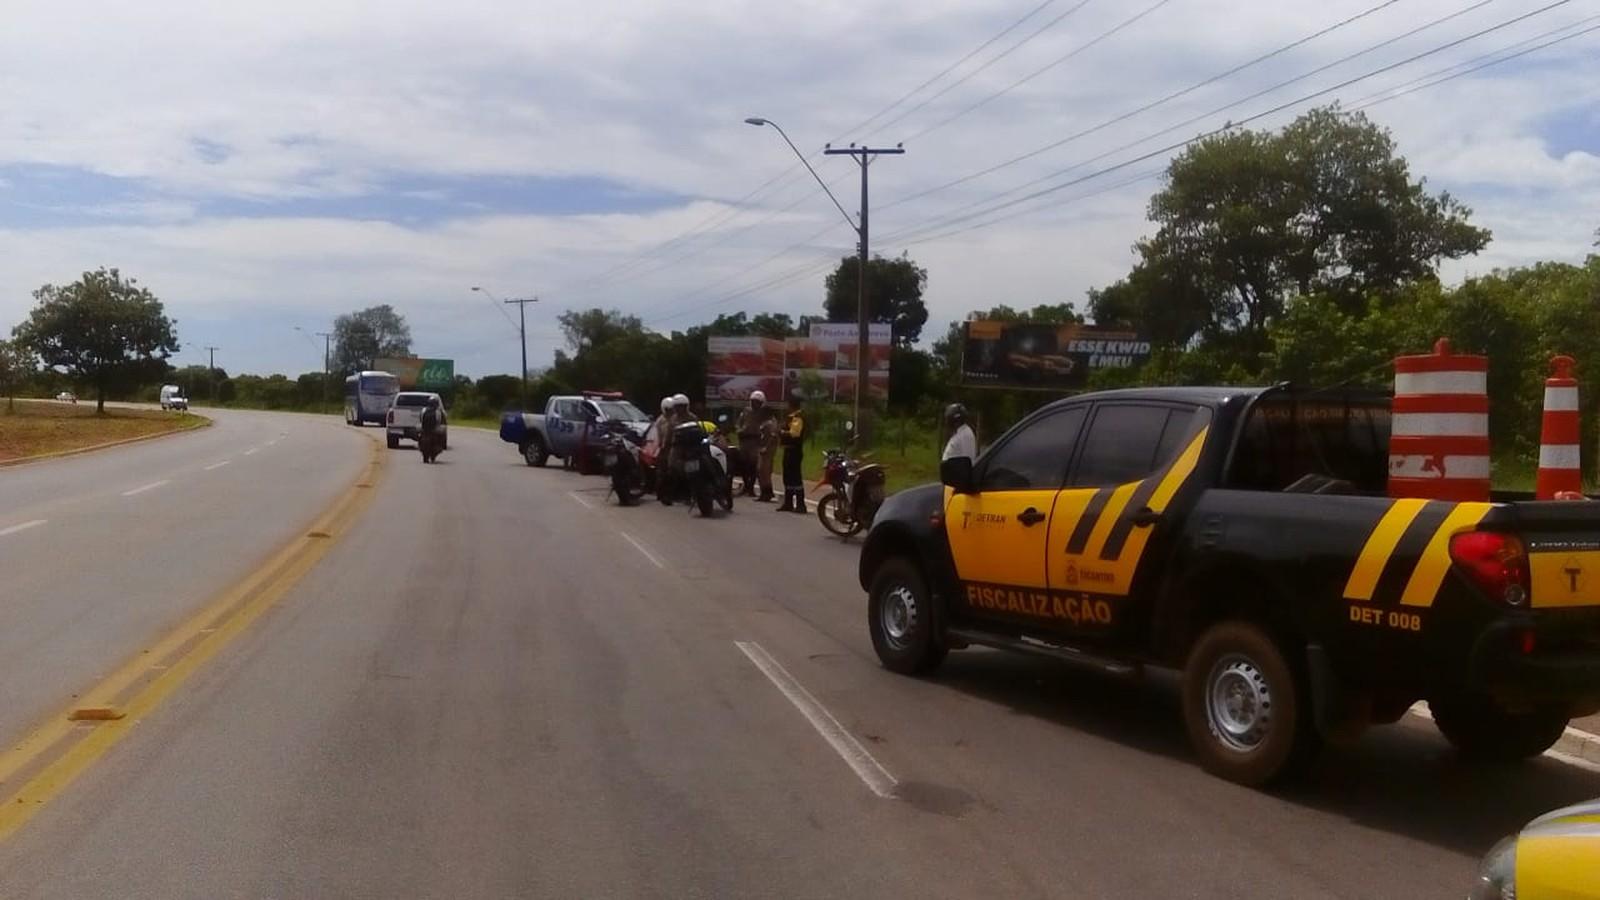 Motorista recupera carro furtado após reconhecer veículo na rua e seguir suspeito